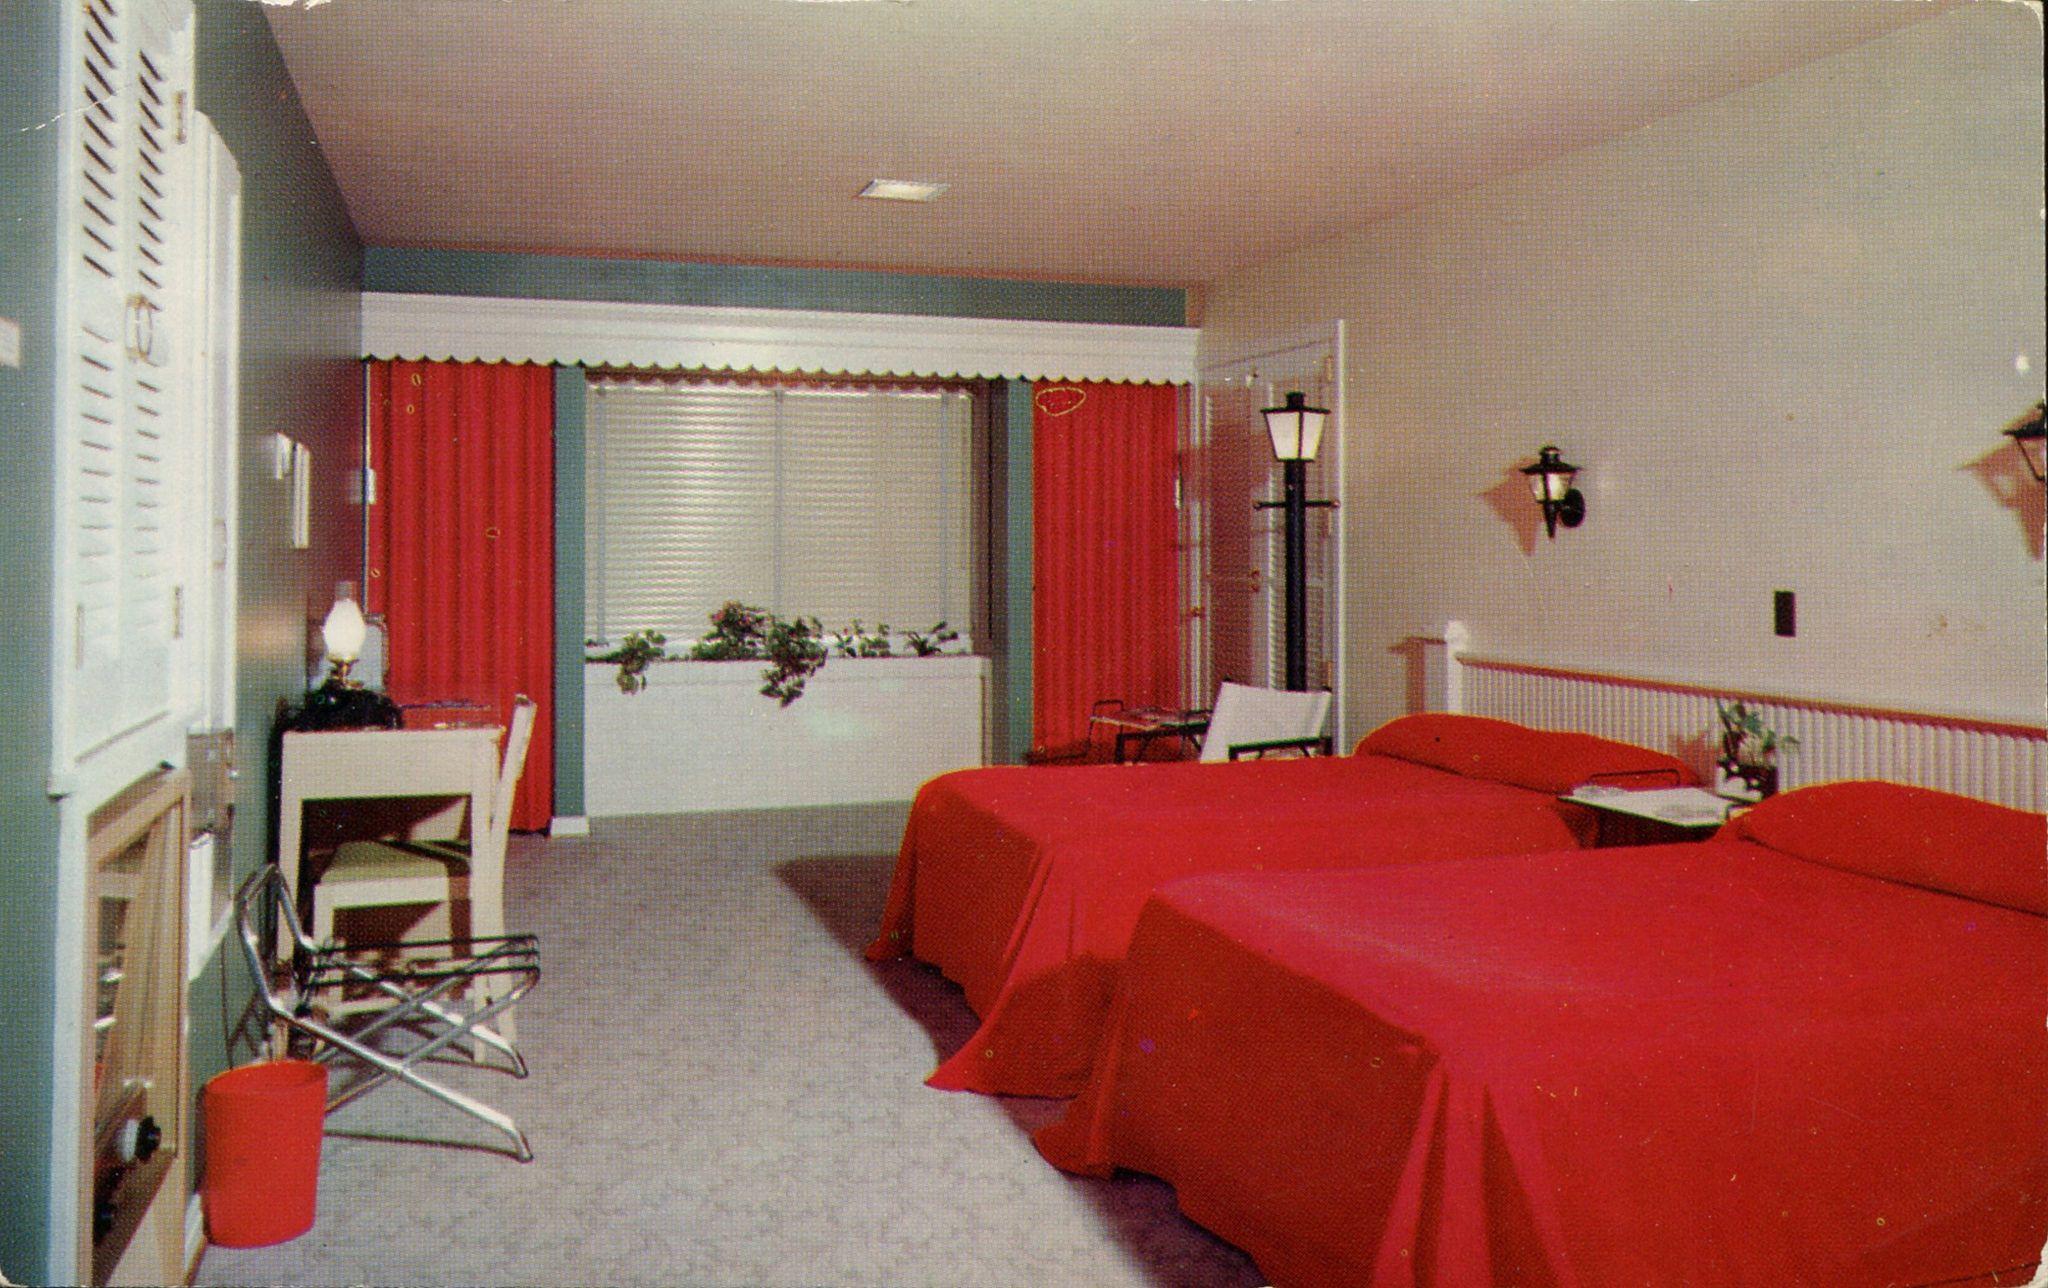 Kirby S Motel Rochester Ny Motel Hotel Motel Vintage Hotels